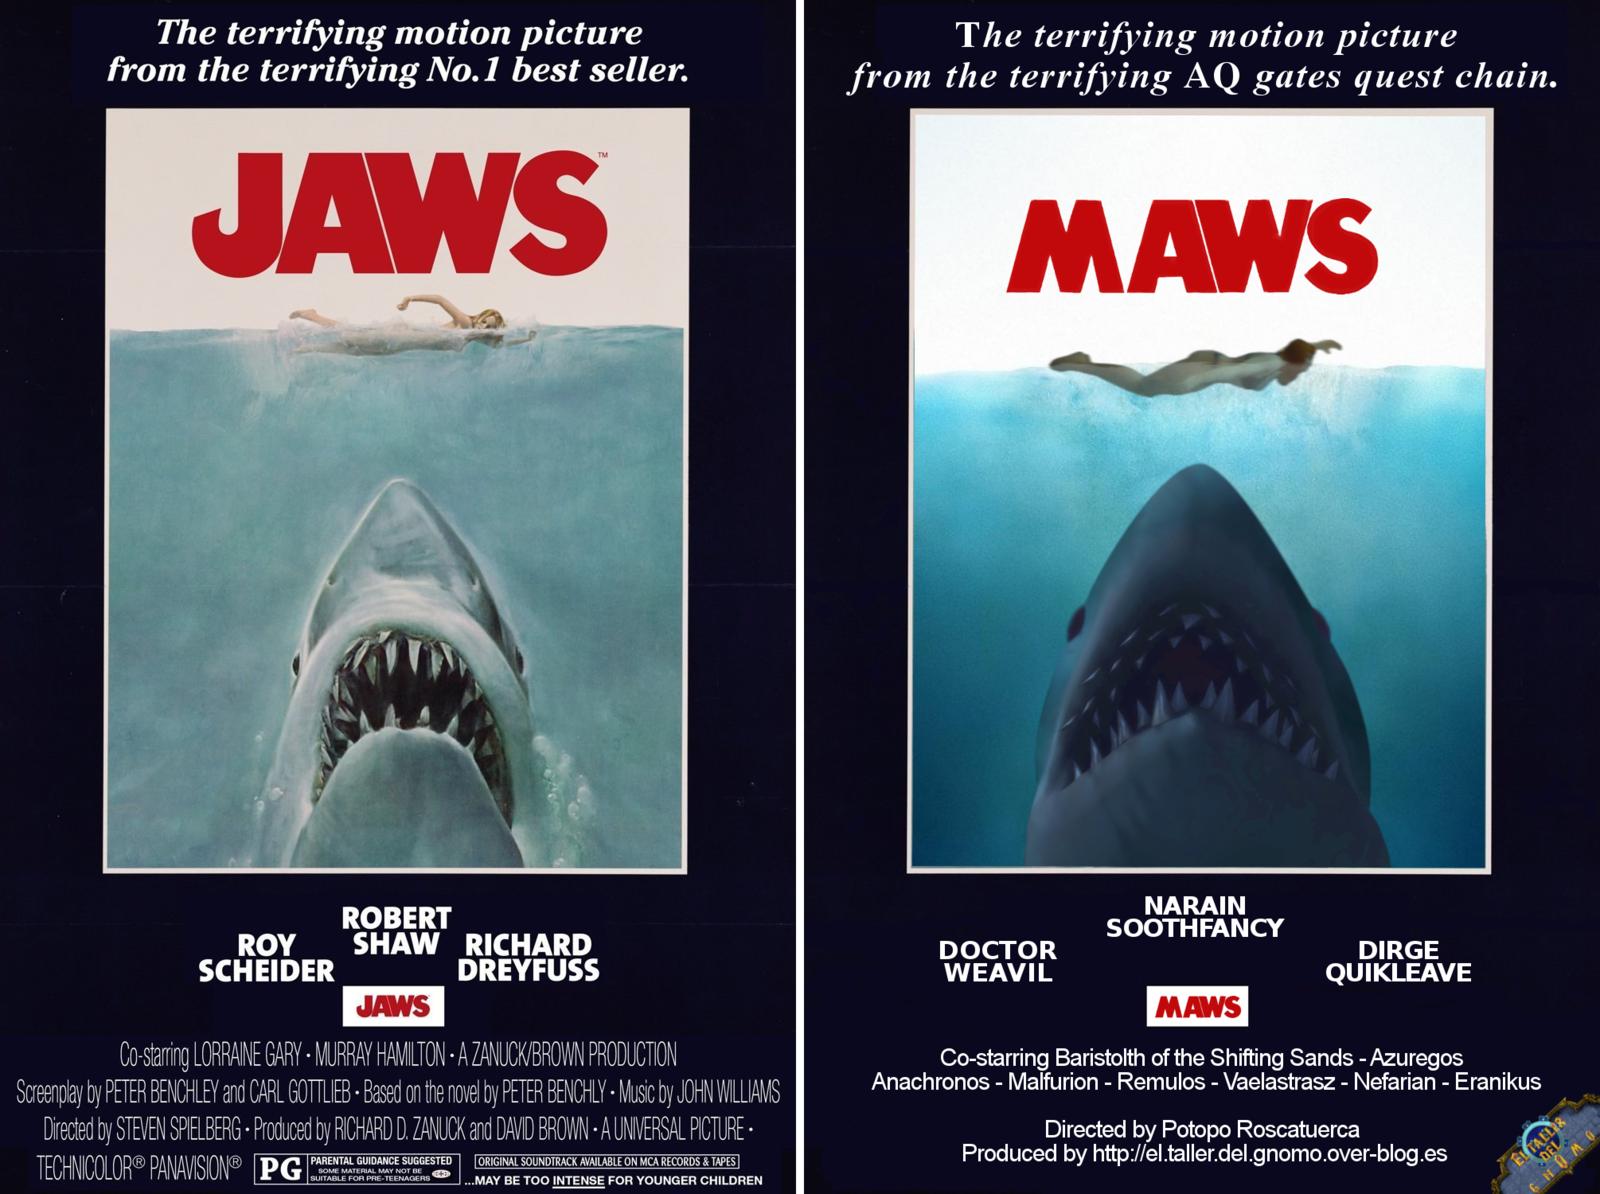 Una restrospectiva de los carteles de las películas versión wow [parte 4]